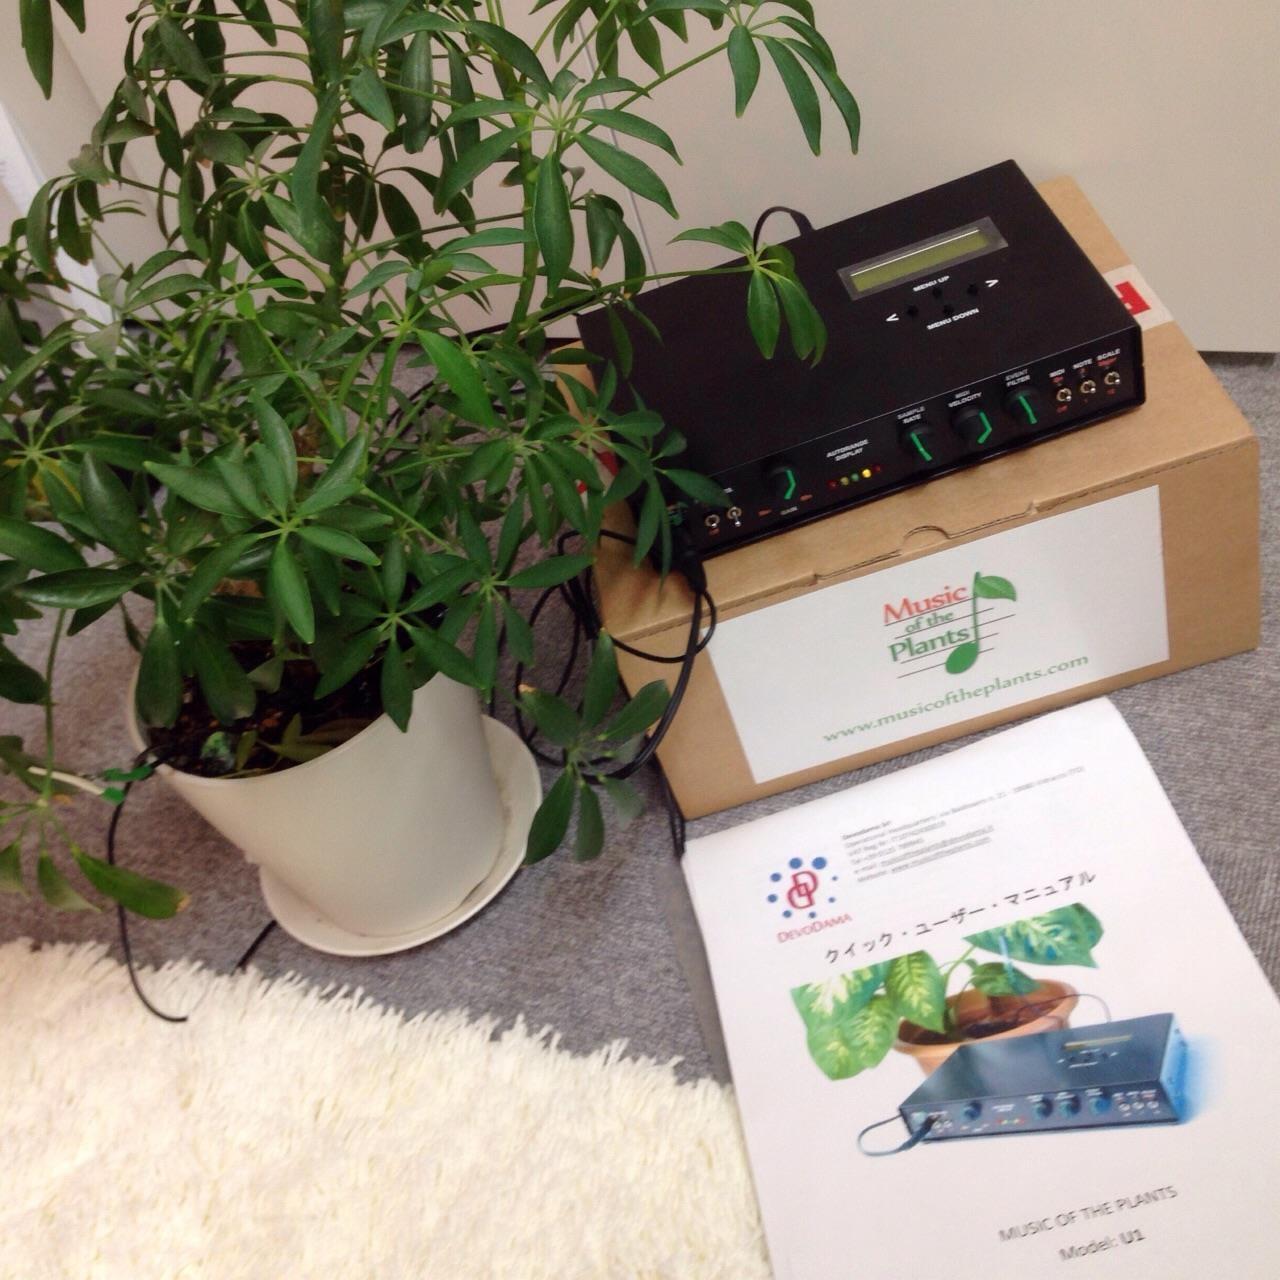 植物の音楽の機械のユーザー・マニュアルができました。